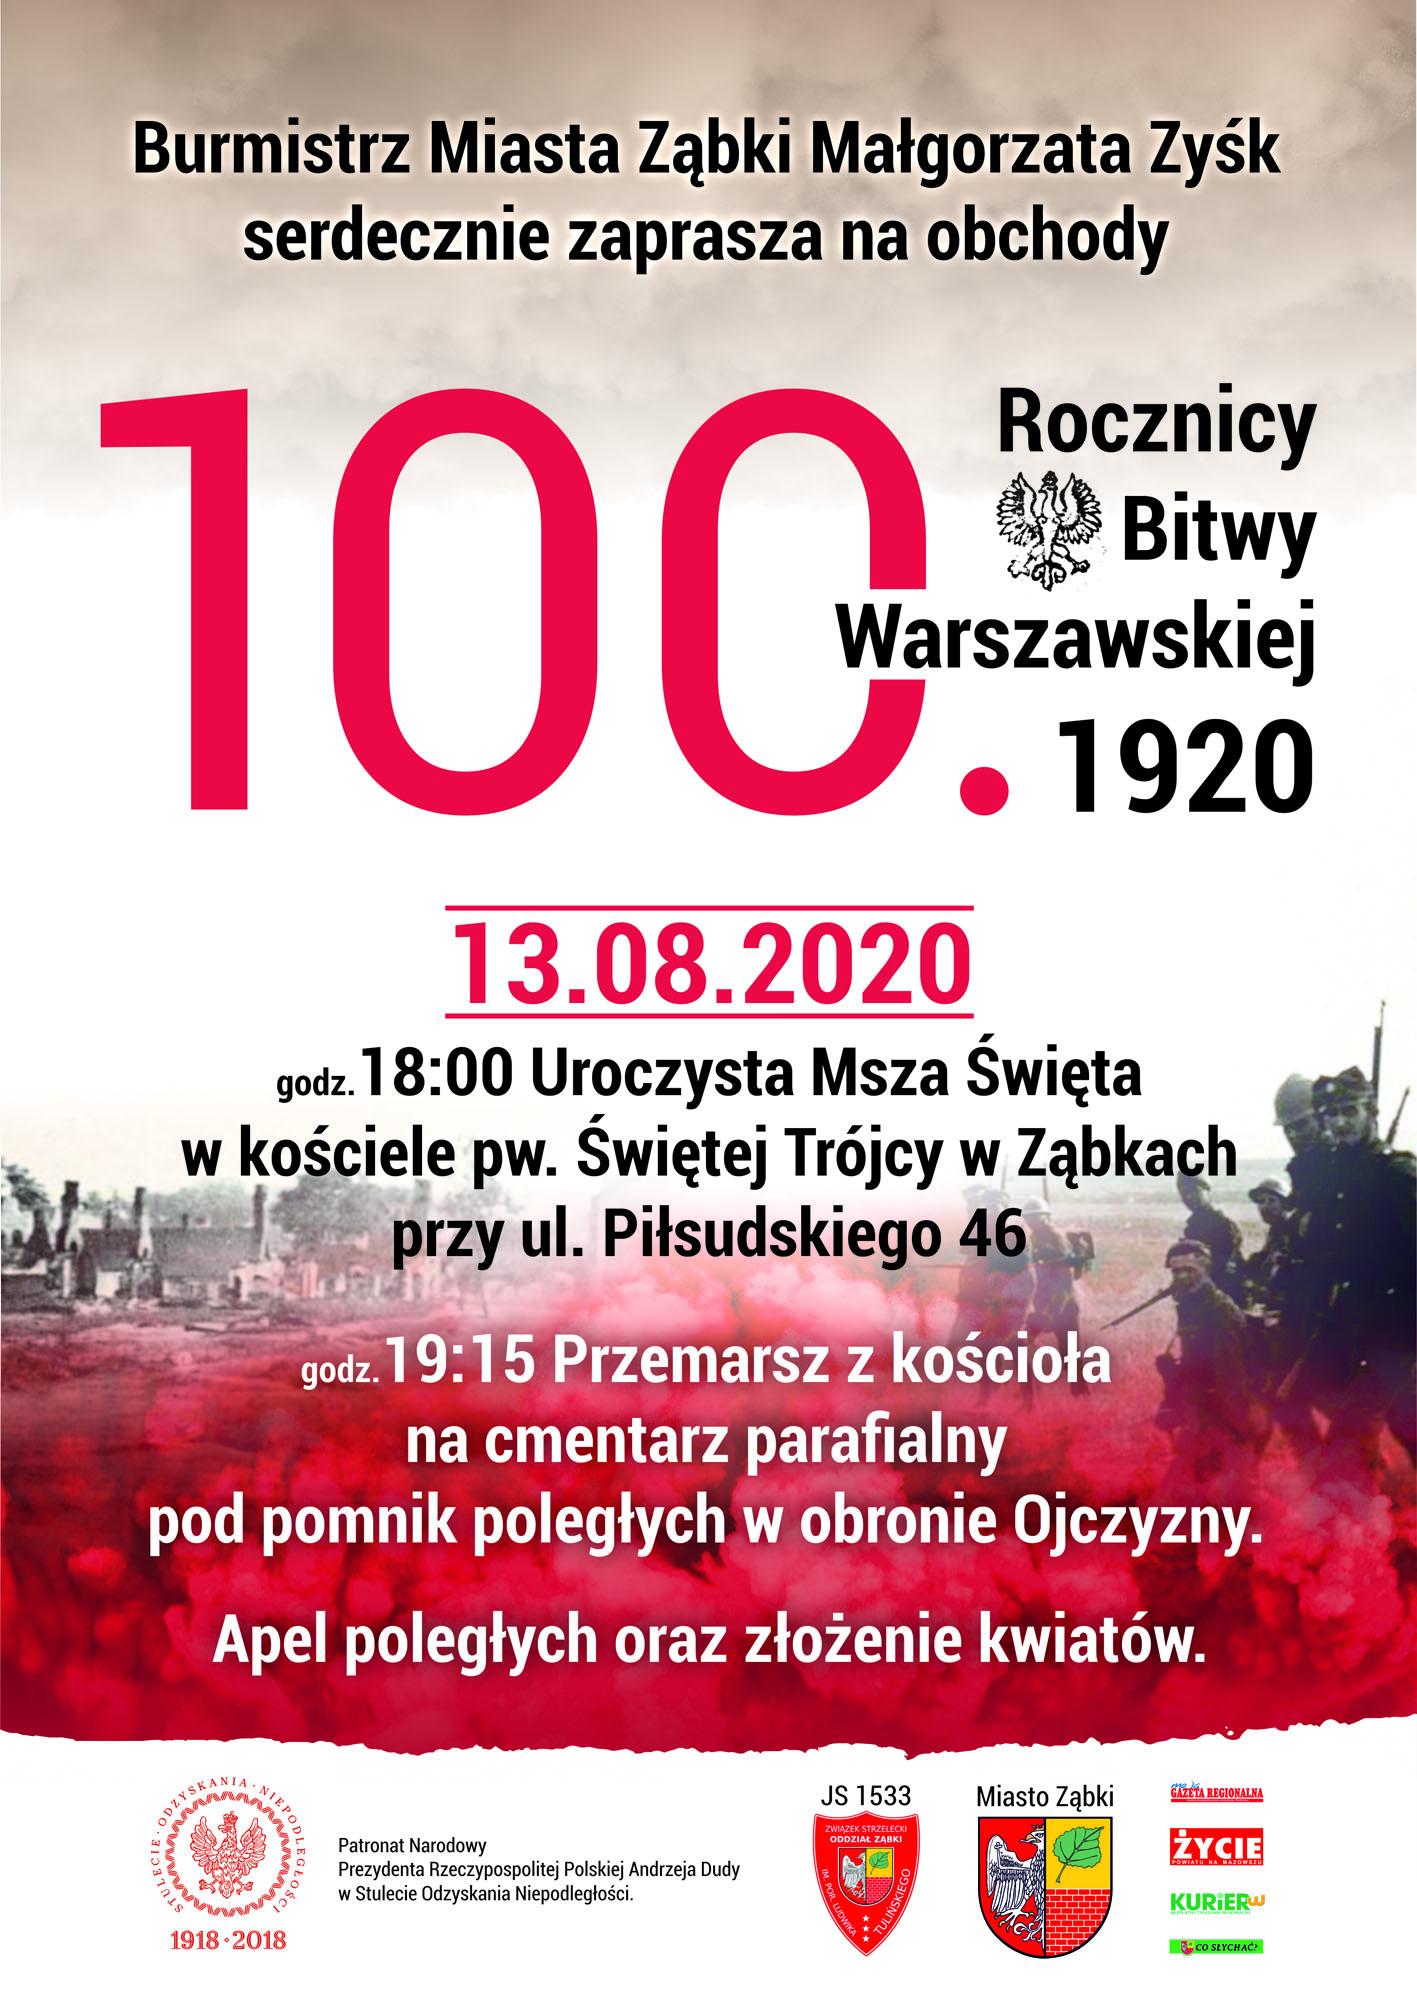 100 rocznica Bitwy Warszawskiej 1920 Ząbki